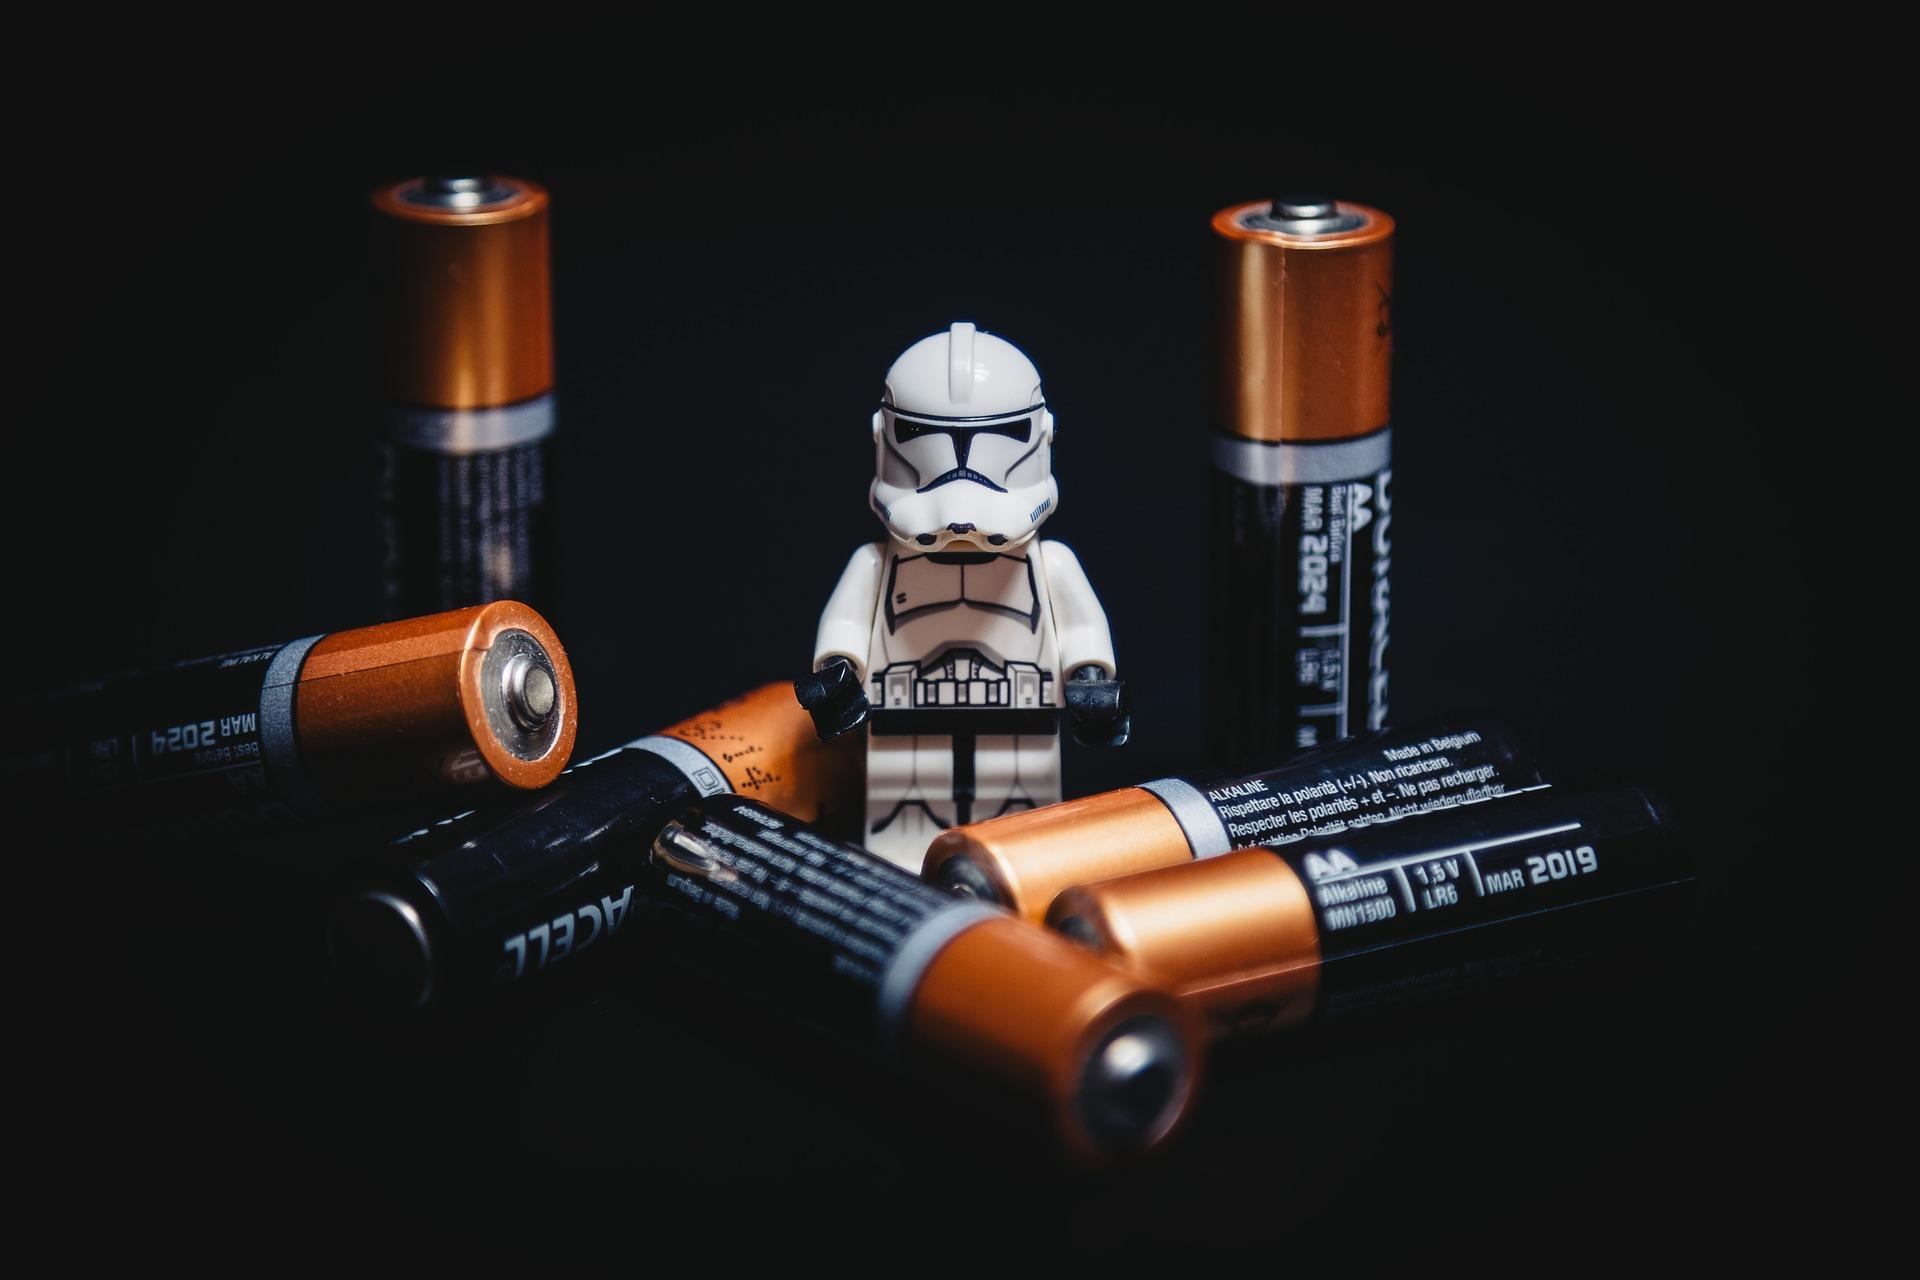 batteries-2619017_1920.jpg